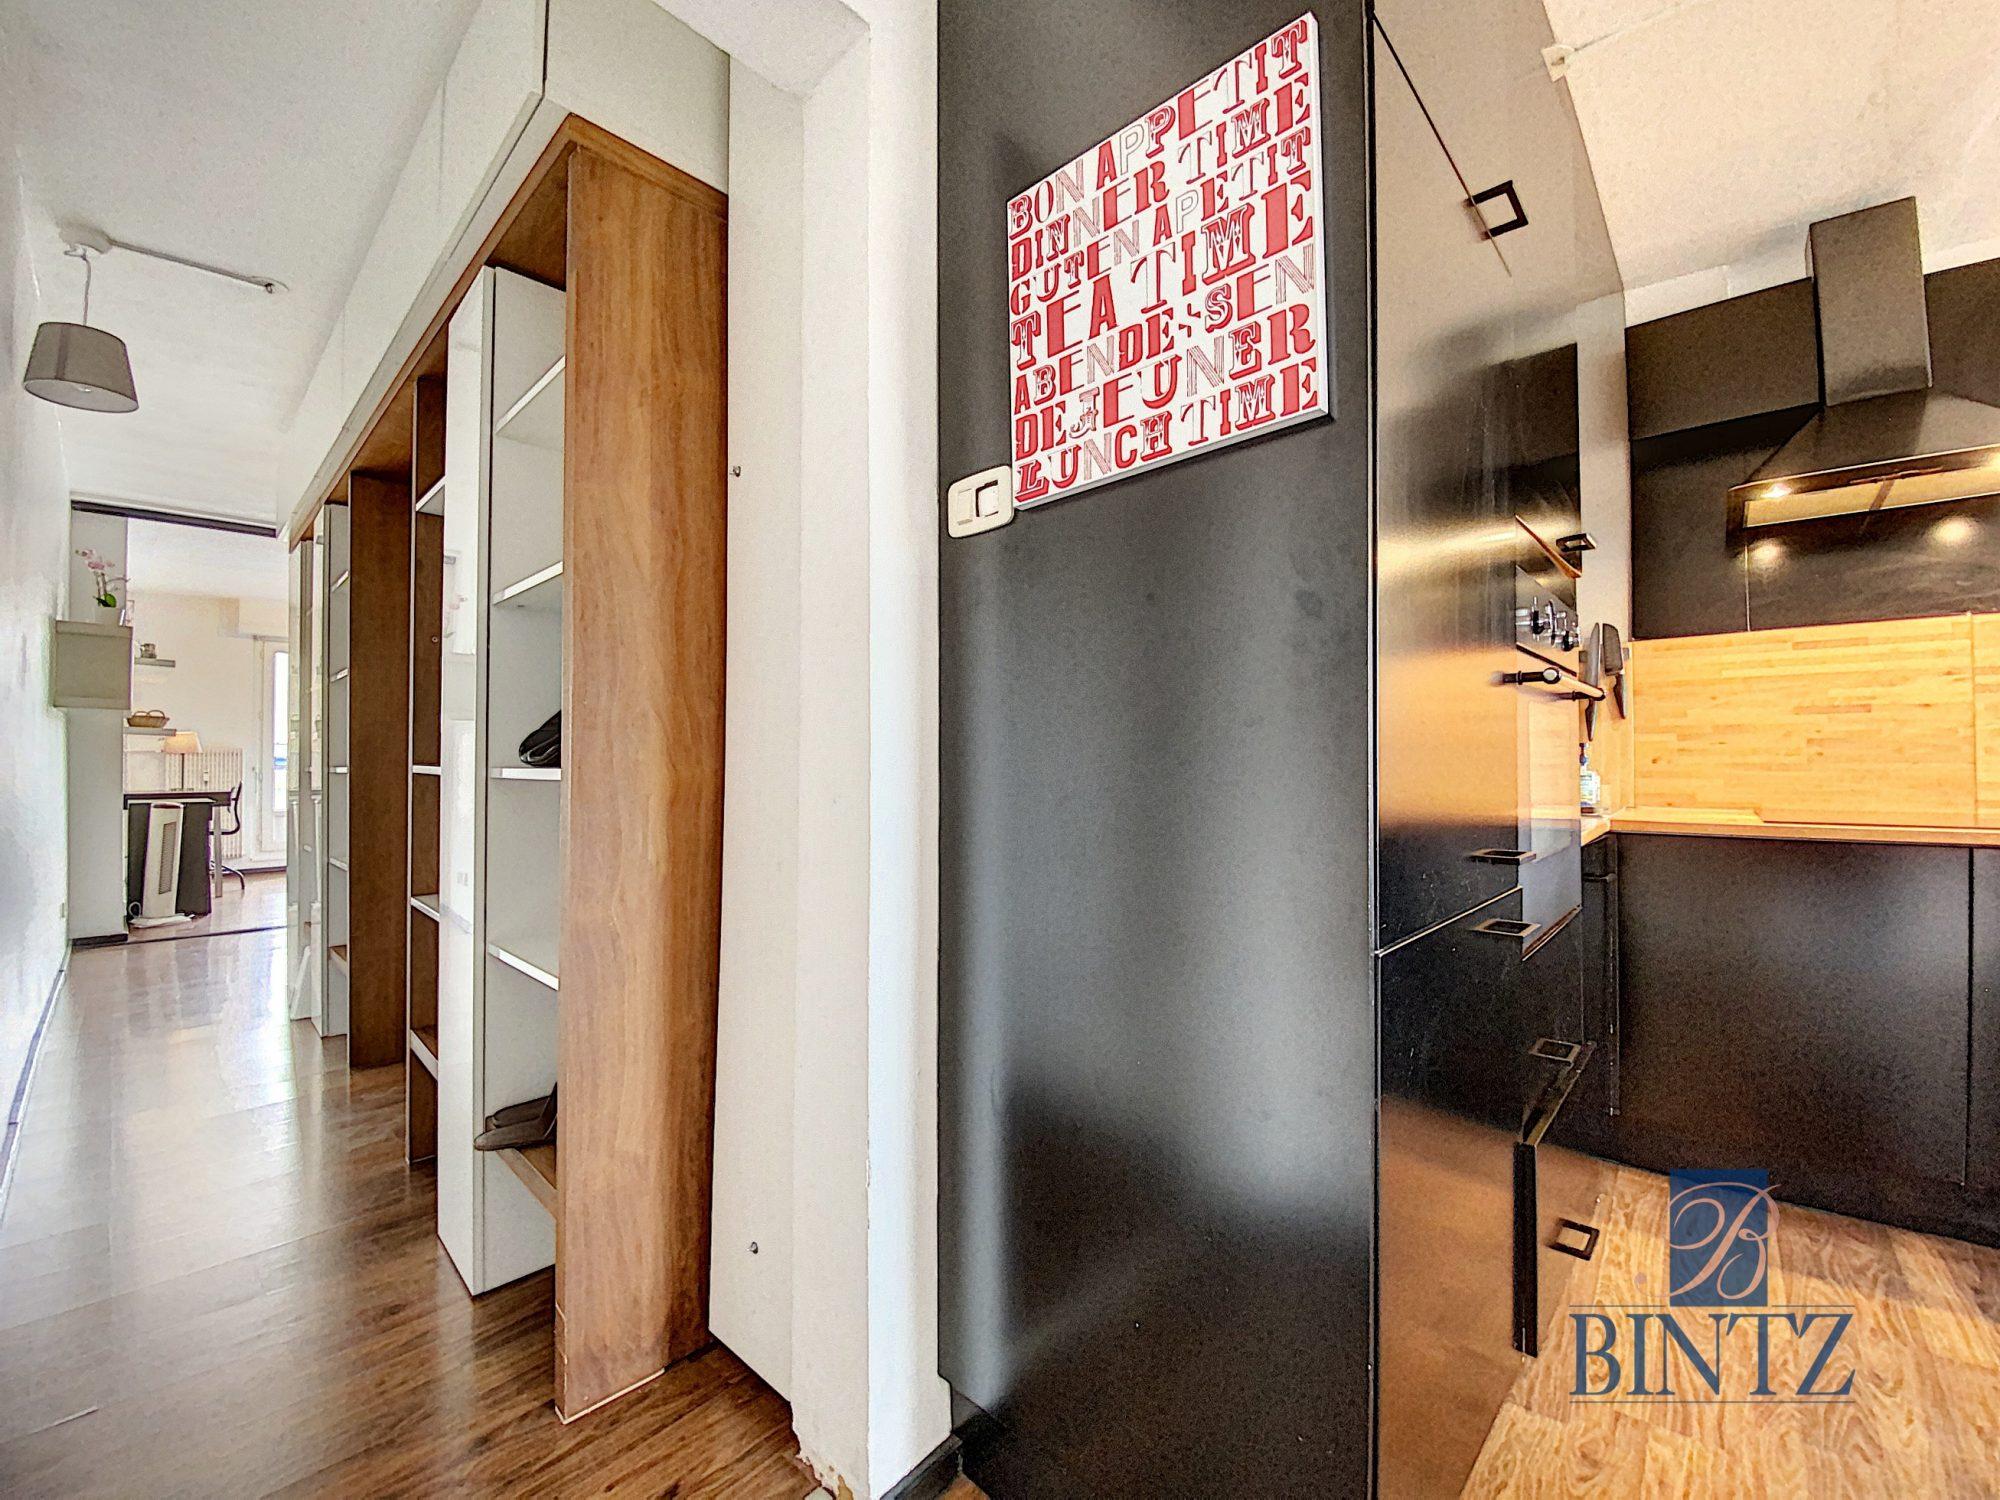 2P MEUBLÉ FG NATIONAL AVEC BALCON - Devenez locataire en toute sérénité - Bintz Immobilier - 6